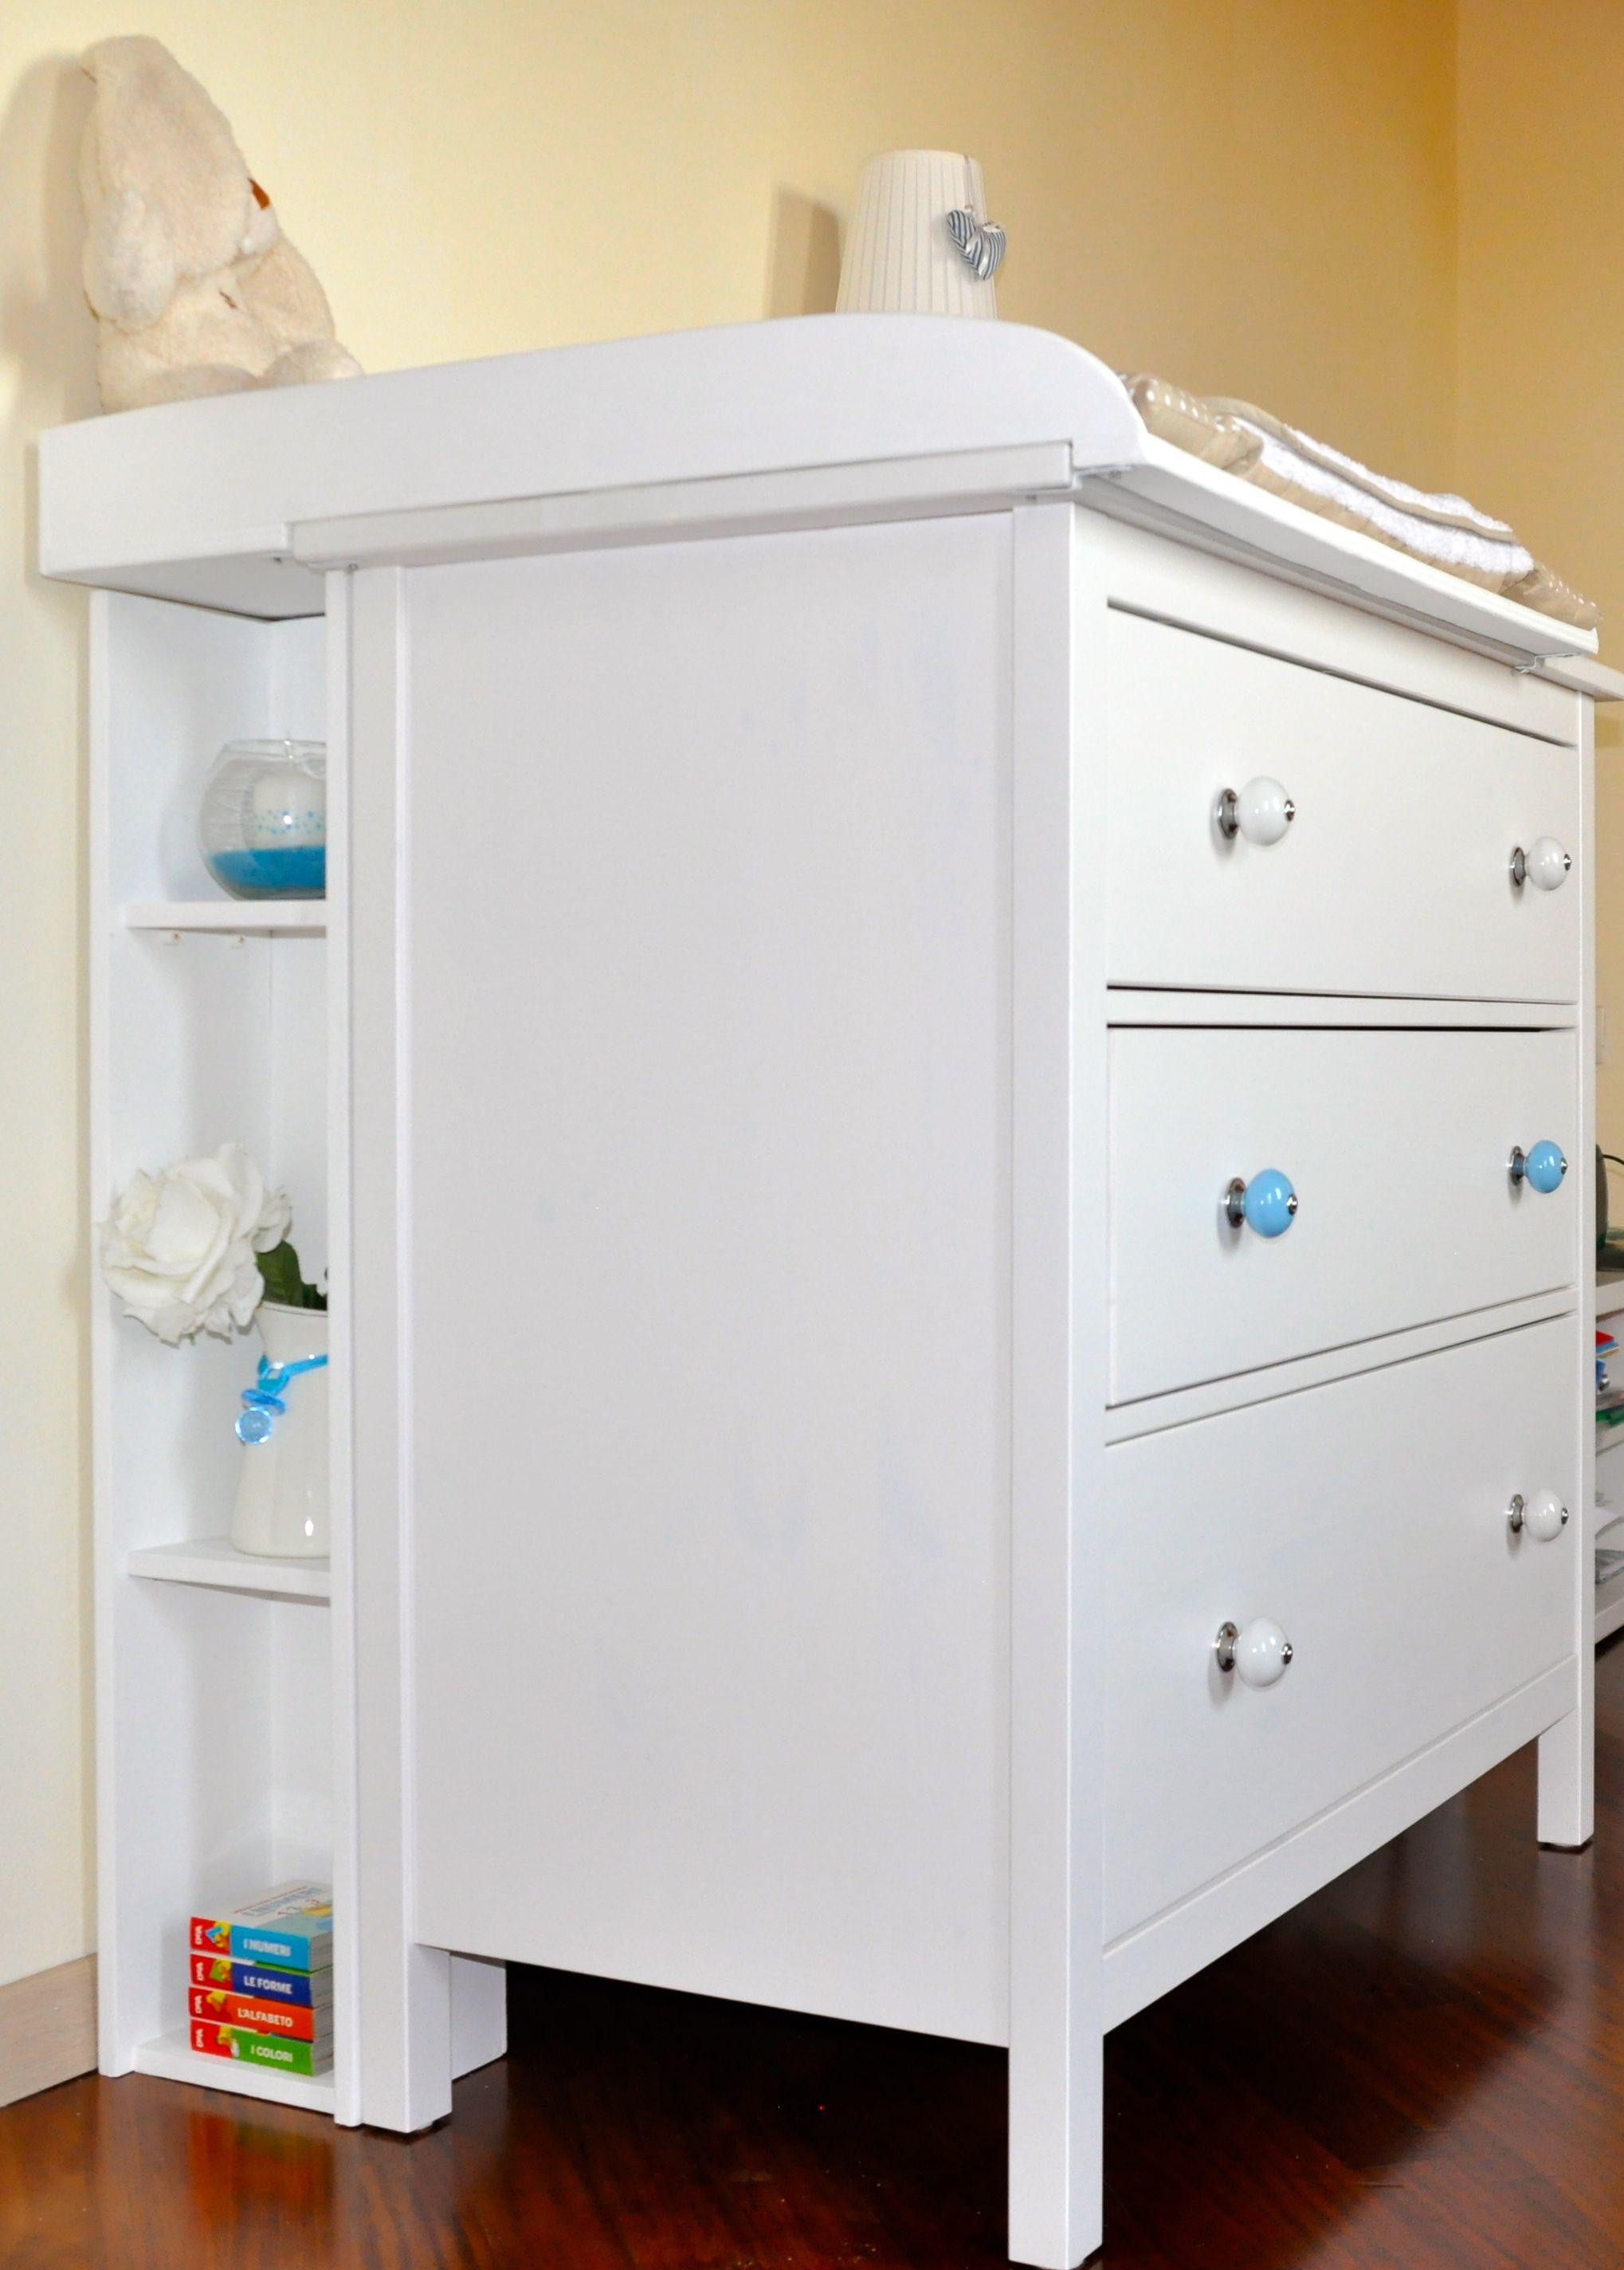 Ikea a modo mio cassettiera hemnes con pomoli colorati - Mobile fasciatoio ikea ...